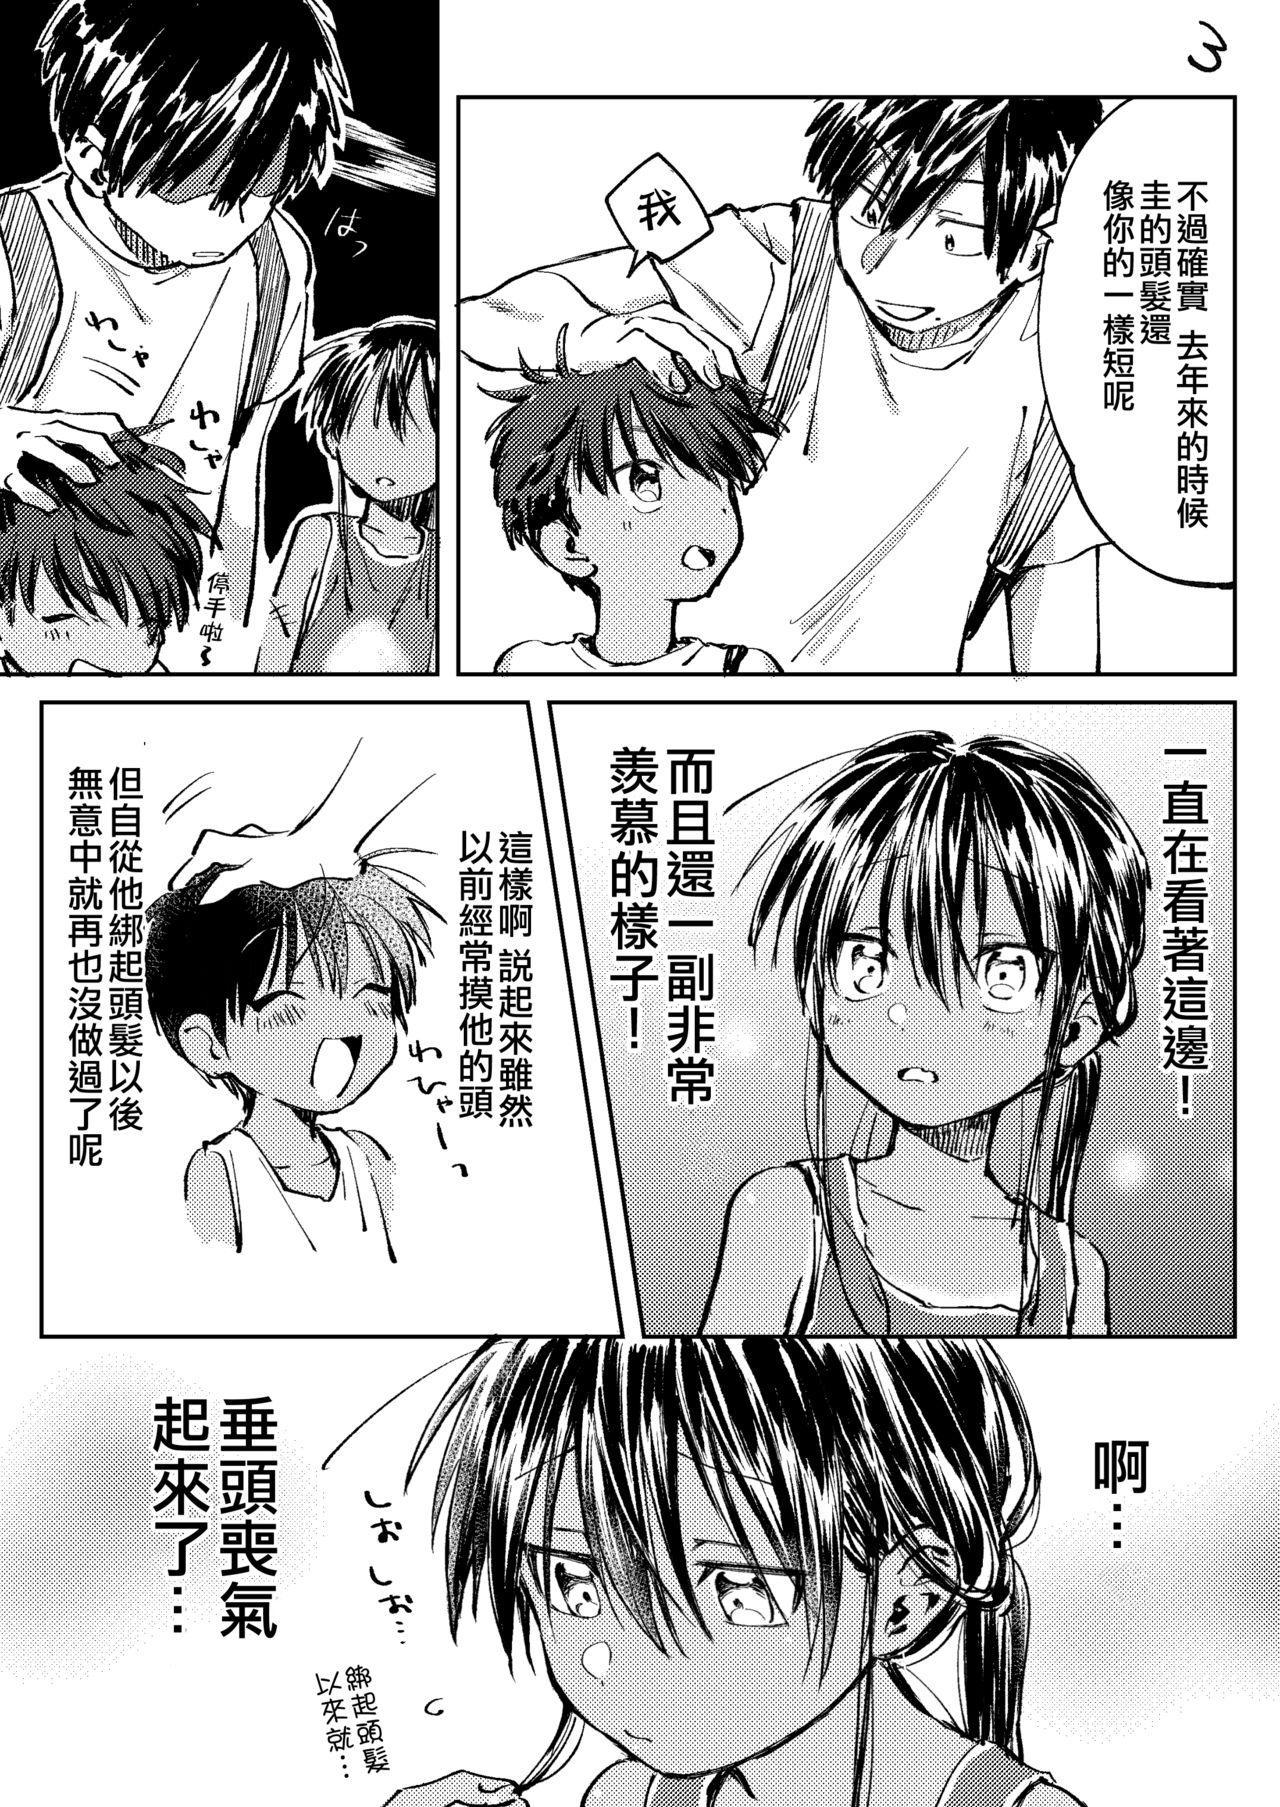 Inaka ni Kaeru to Yakeni Jiben ni Natsuita Kasshoku Ponytail Shota ga Iru 20